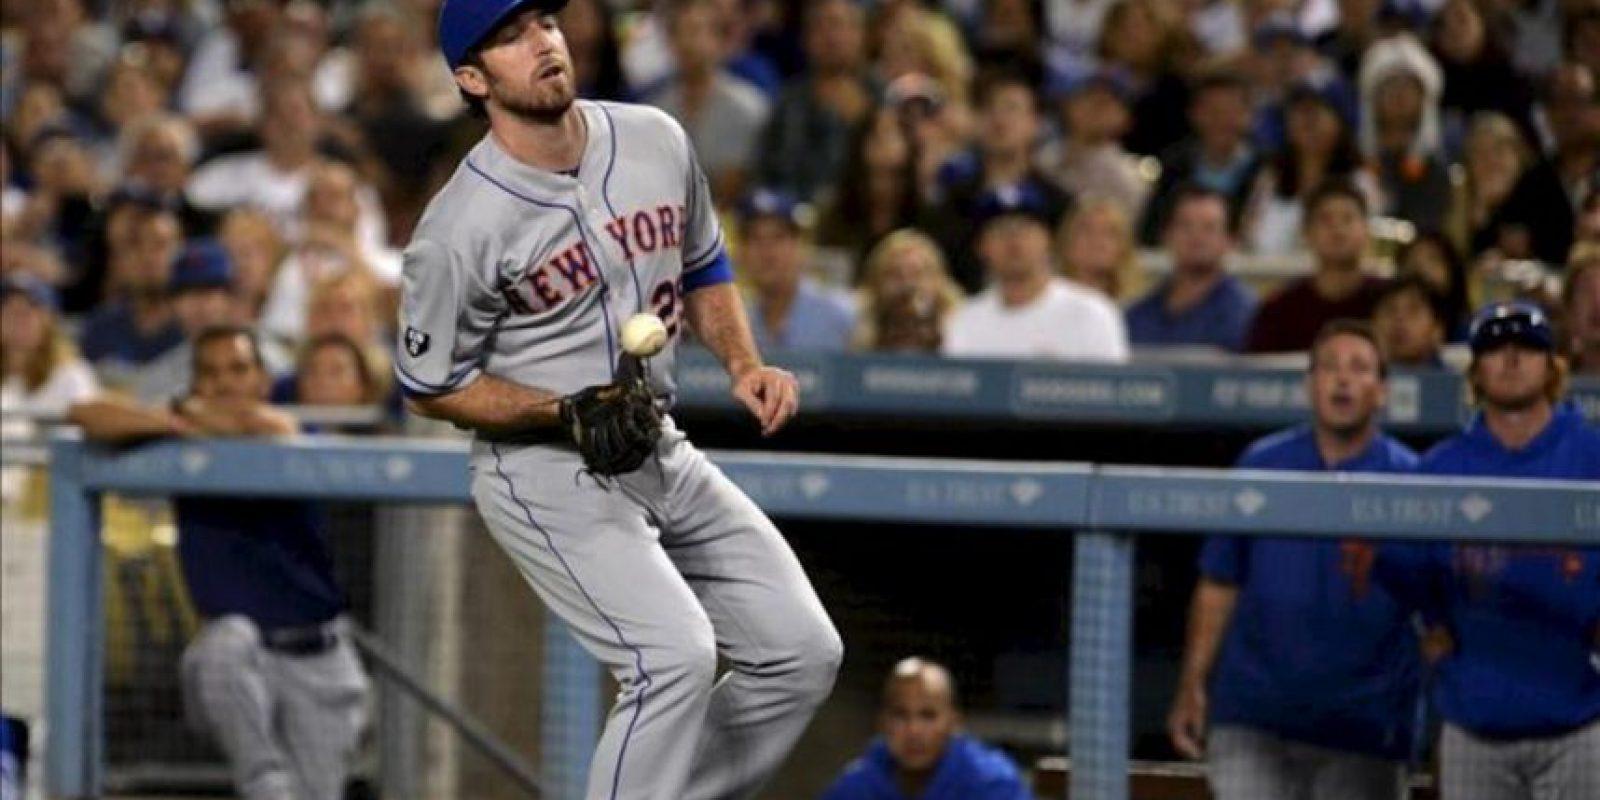 El primera base de los Mets de Nueva York, Ike Davis, deja caer una bola afuera contra los Dodgers de Los Ángeles este 29 de junio, en un juego de la Liga Mayor de Béisbol (MLB) en el estadio de los Dodgers en Los Ángeles (EE.UU.). EFE